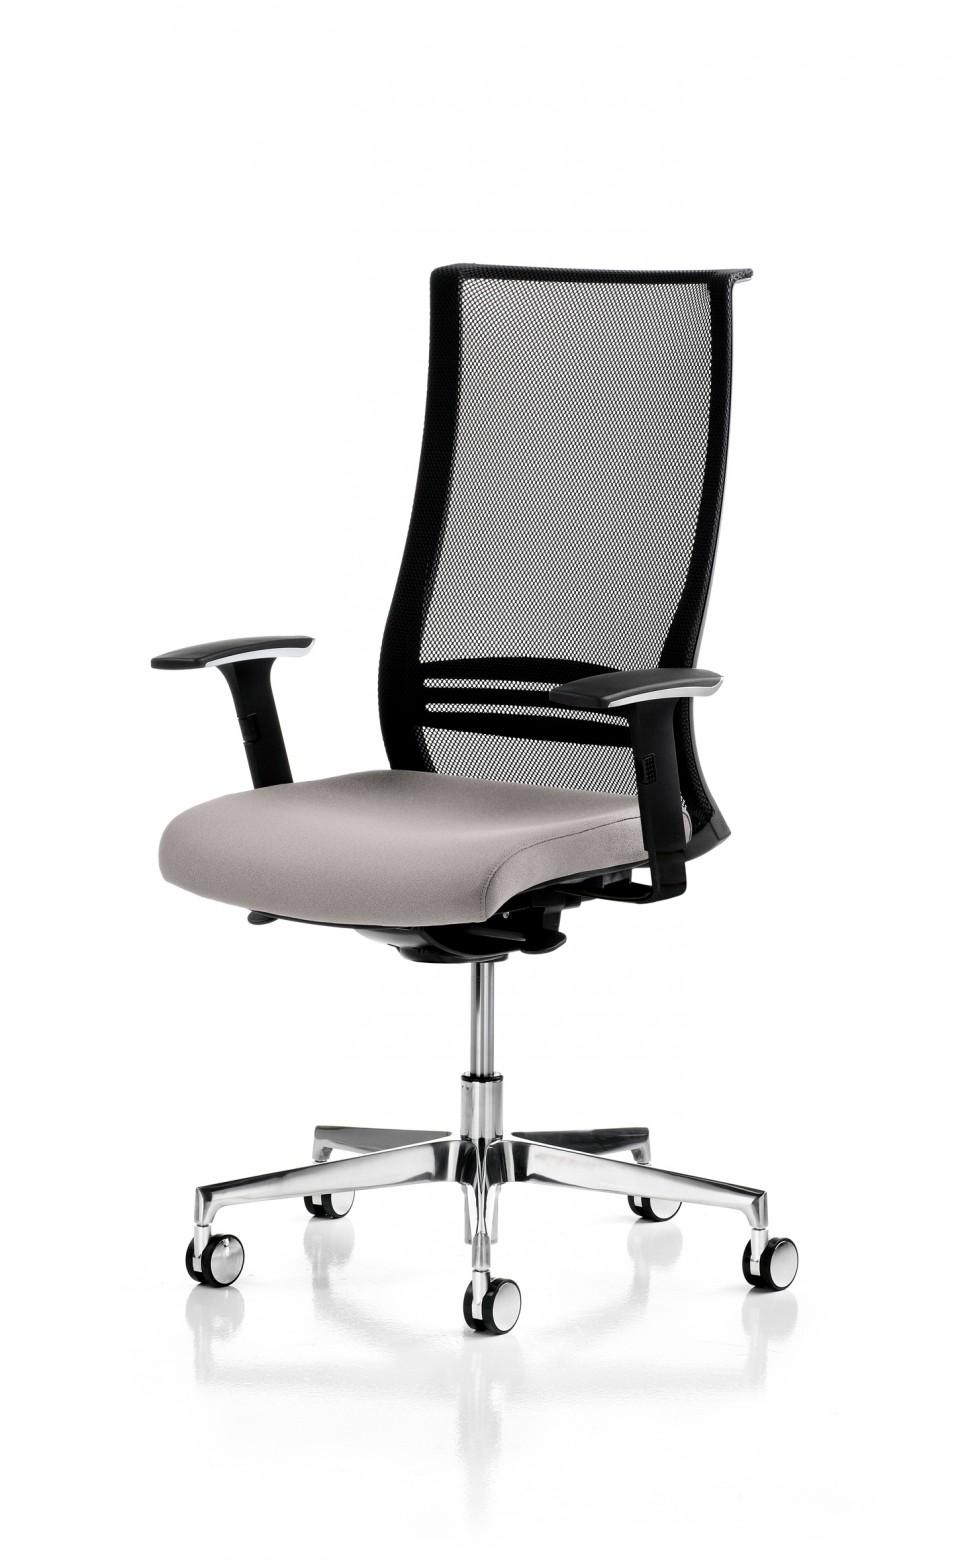 fauteuil bureau ergonomique wave noir achat si ges de bureau 445 00. Black Bedroom Furniture Sets. Home Design Ideas